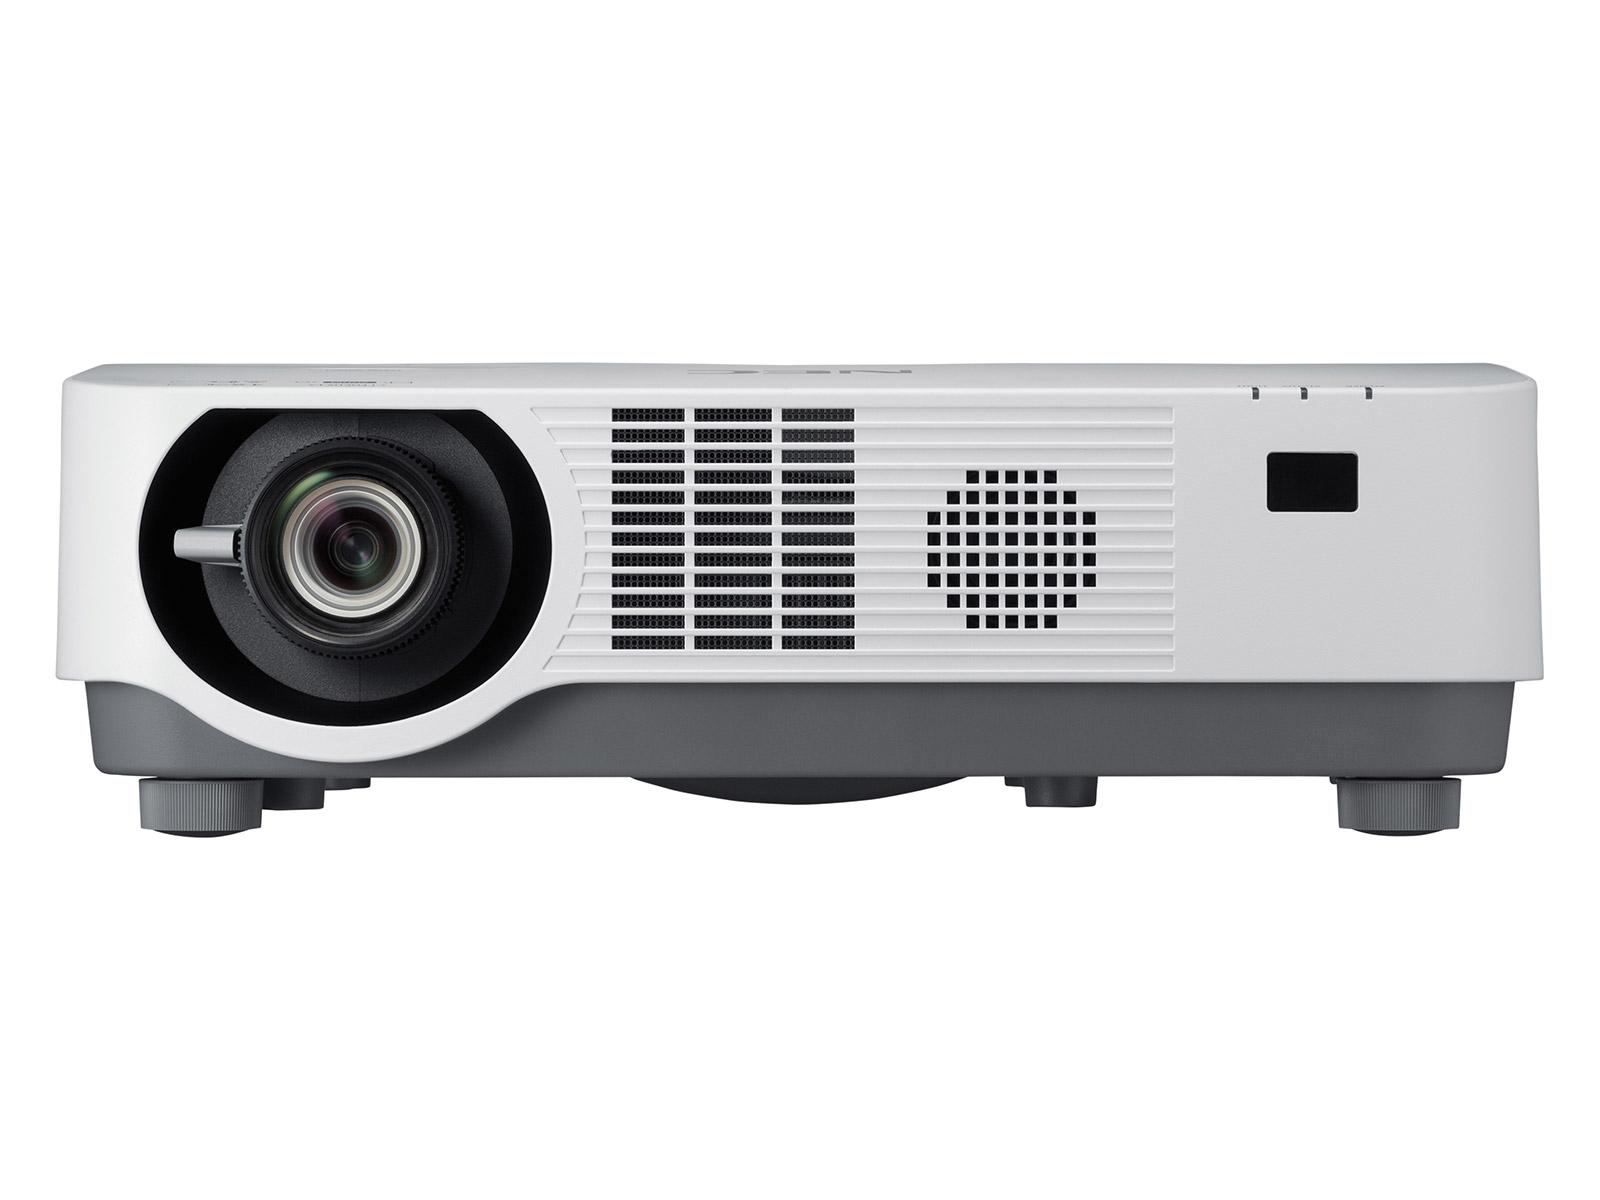 NEC P502HL-2 videoproyector 5000 lúmenes ANSI DLP 1080p (1920x1080) Proyector para escritorio Blanco